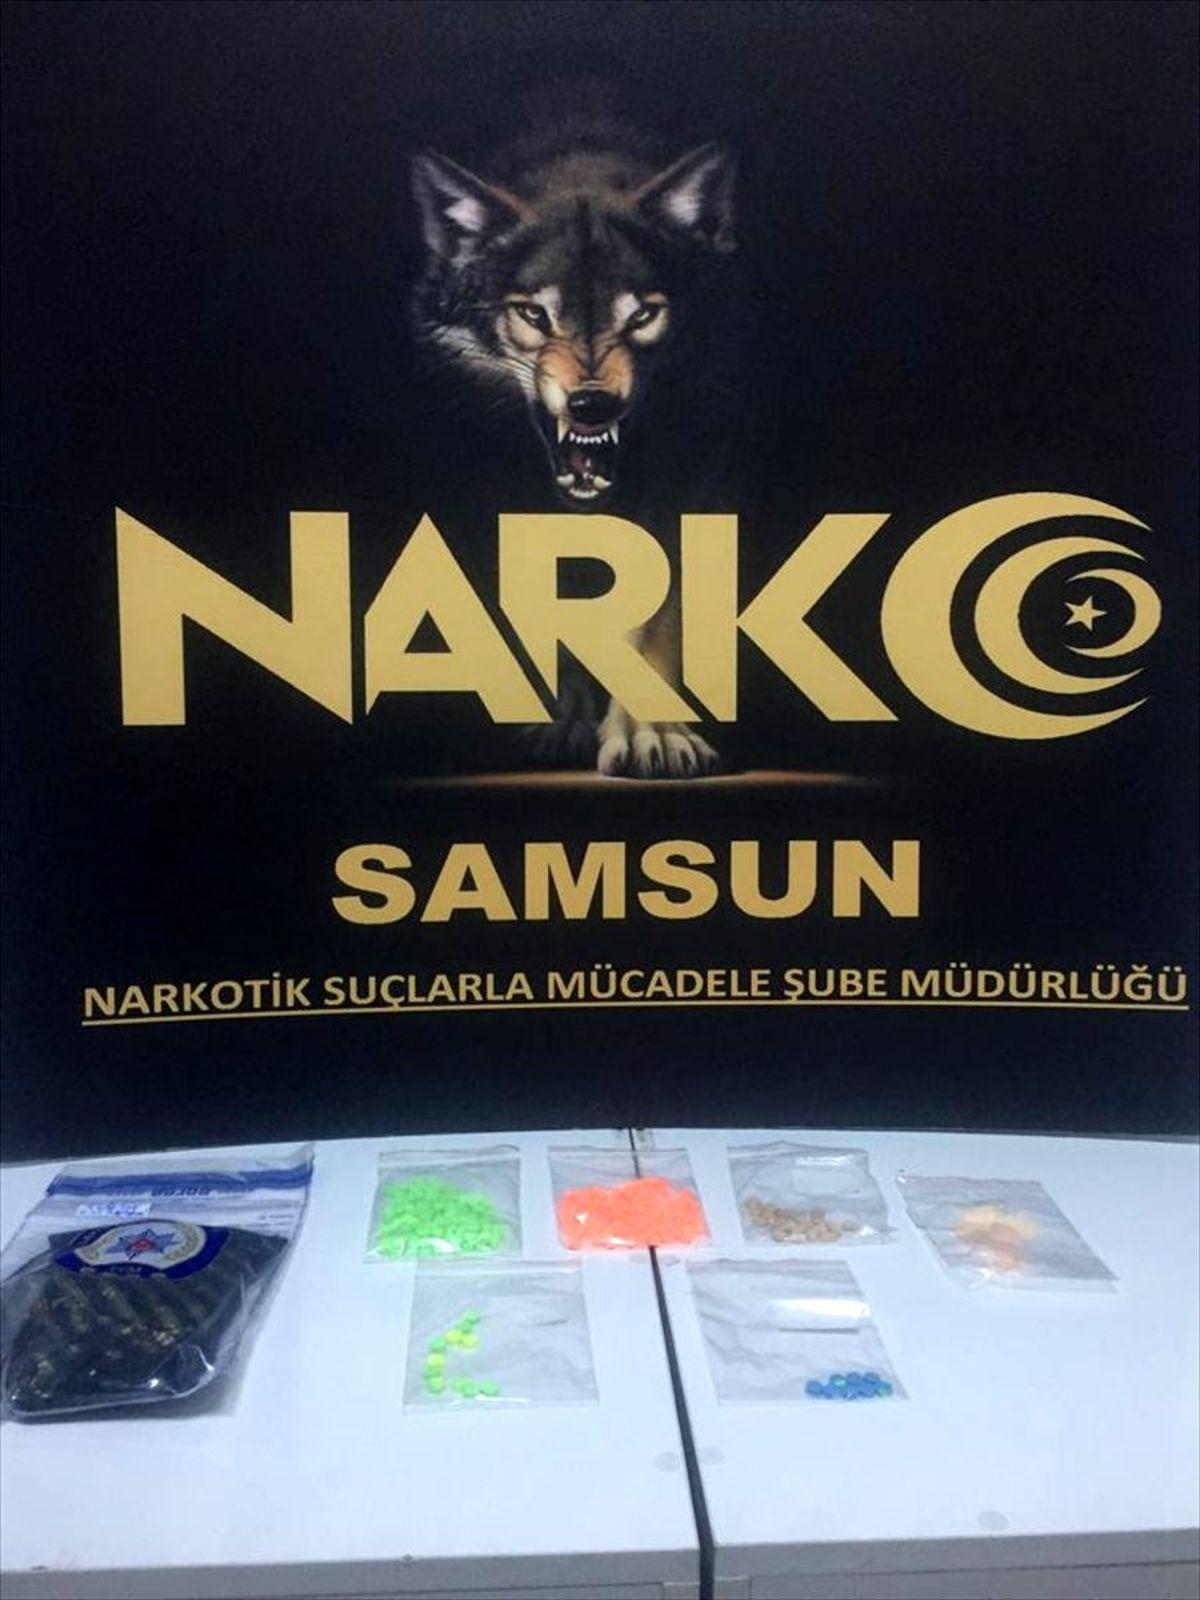 Samsun'da uyuşturucu operasyonlarında 9 şüpheli gözaltına alındı